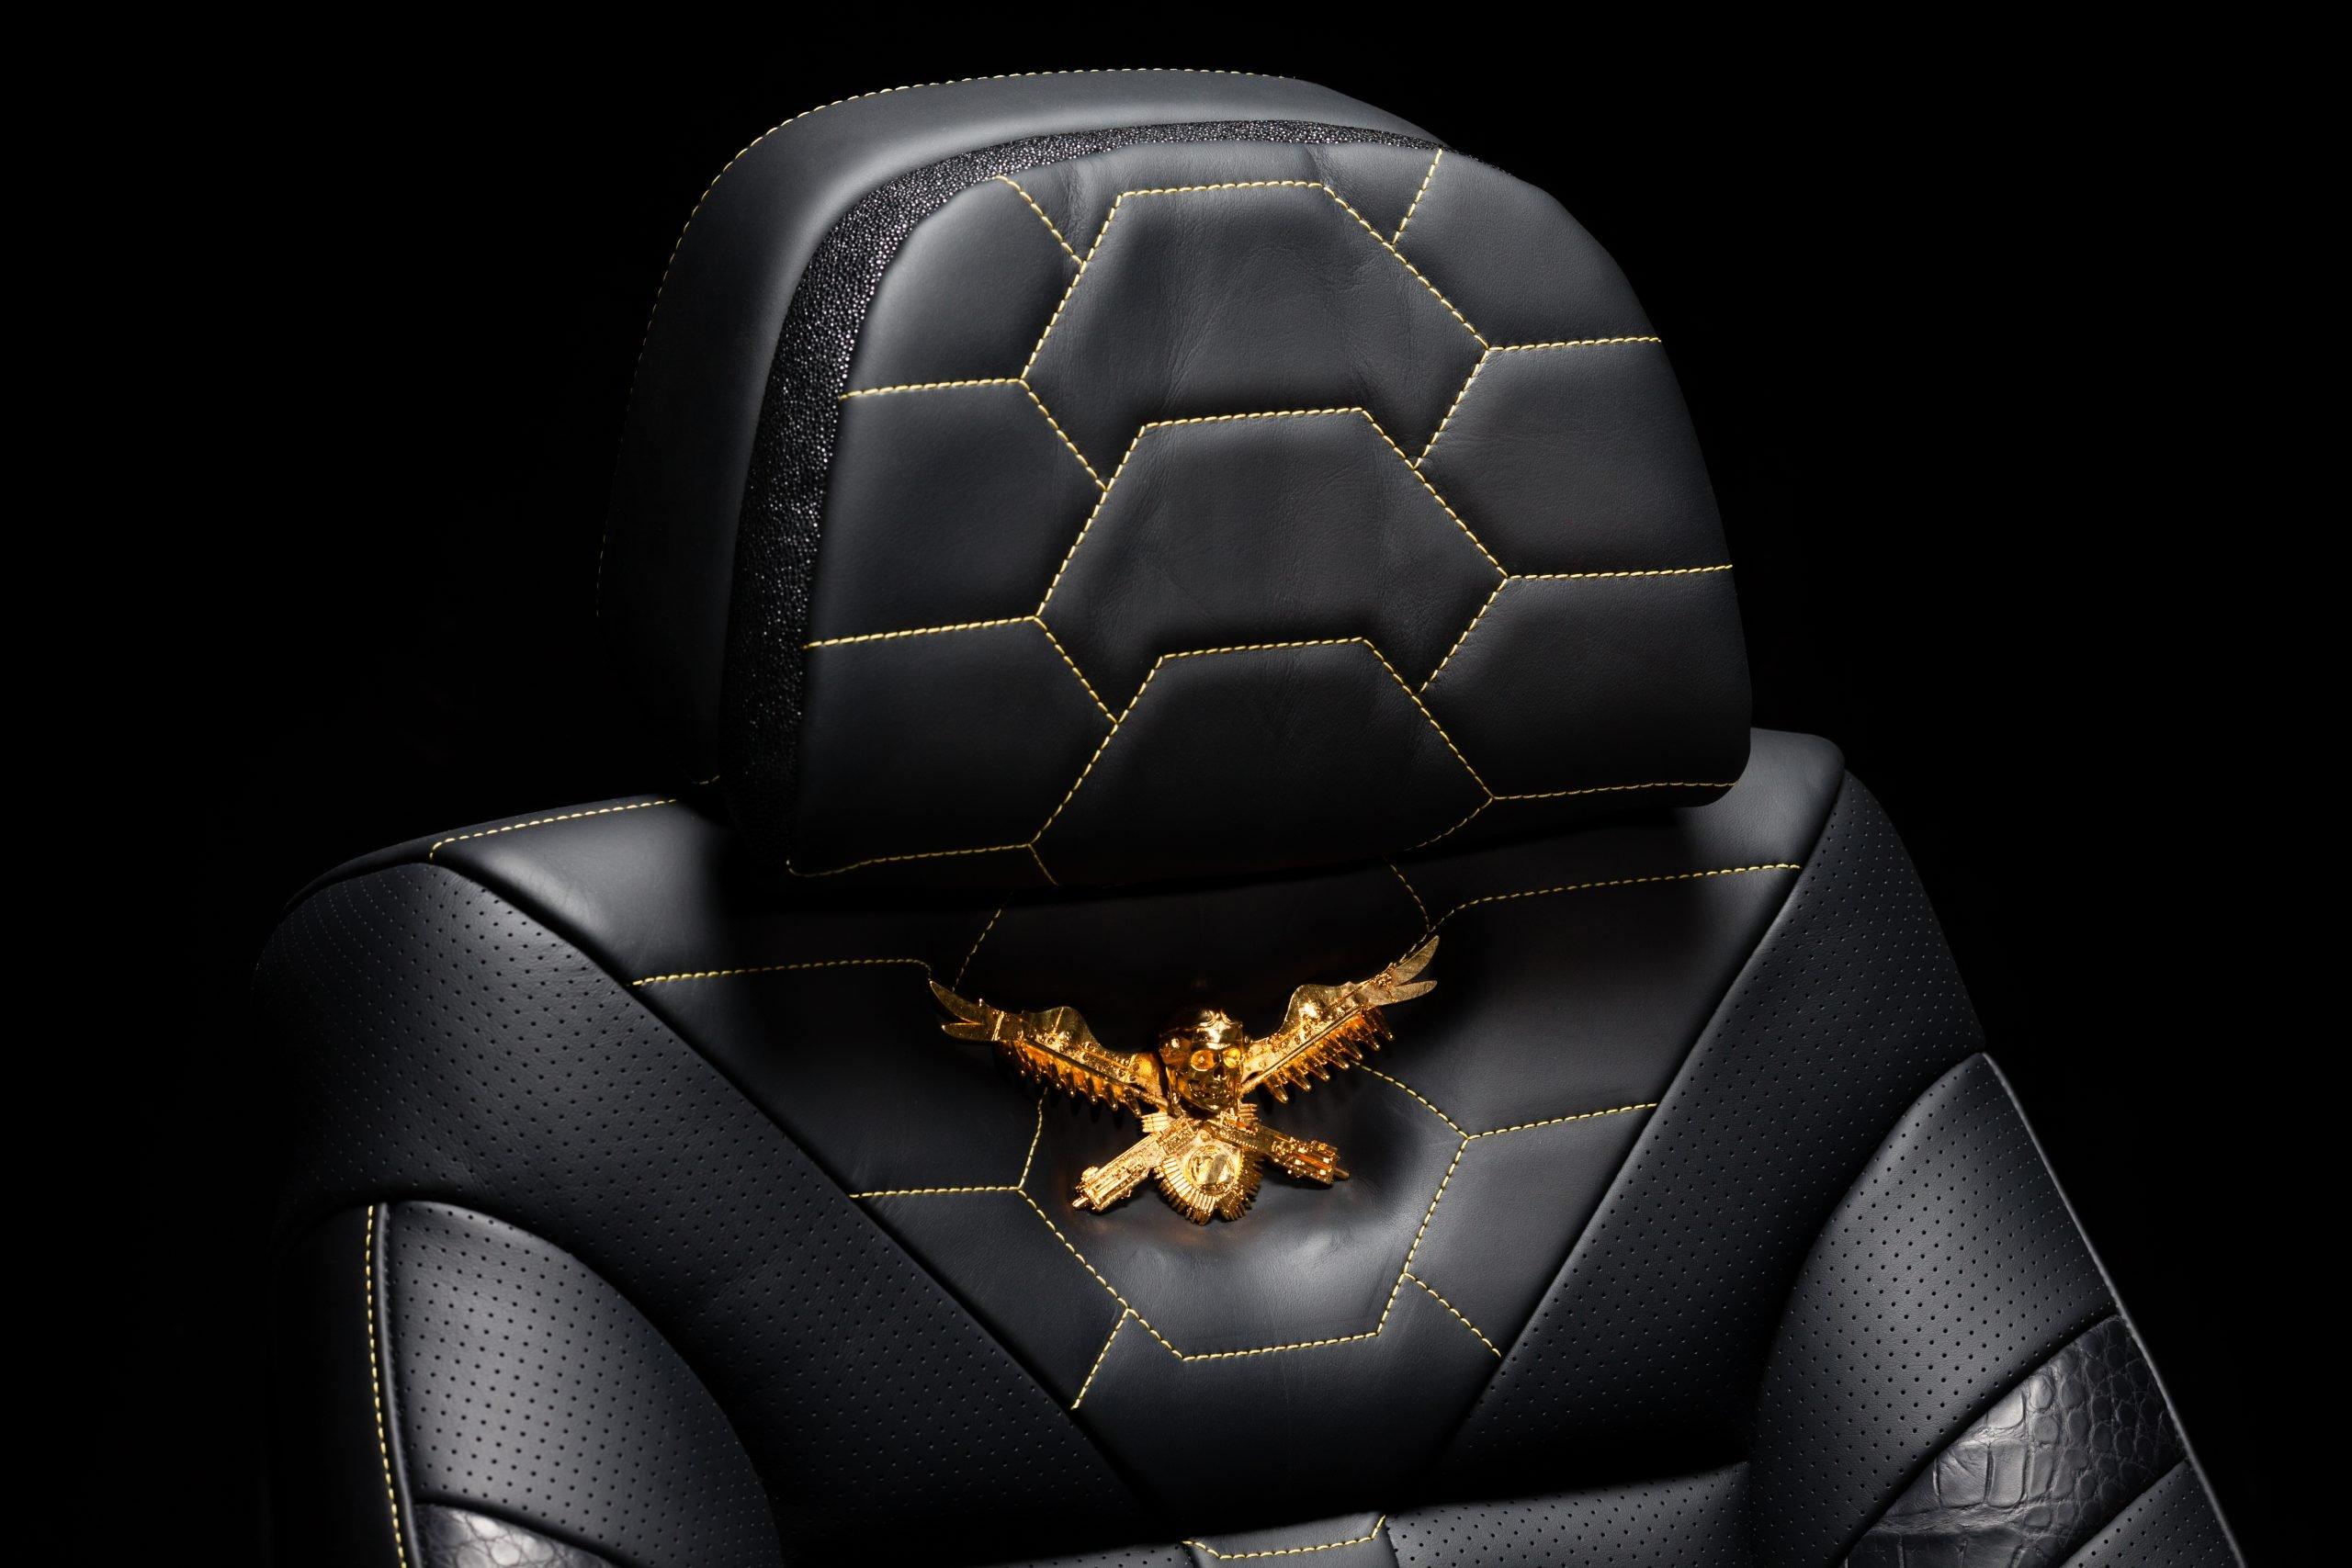 DARTZ_Prombrion_Black_Alligator_seat_3